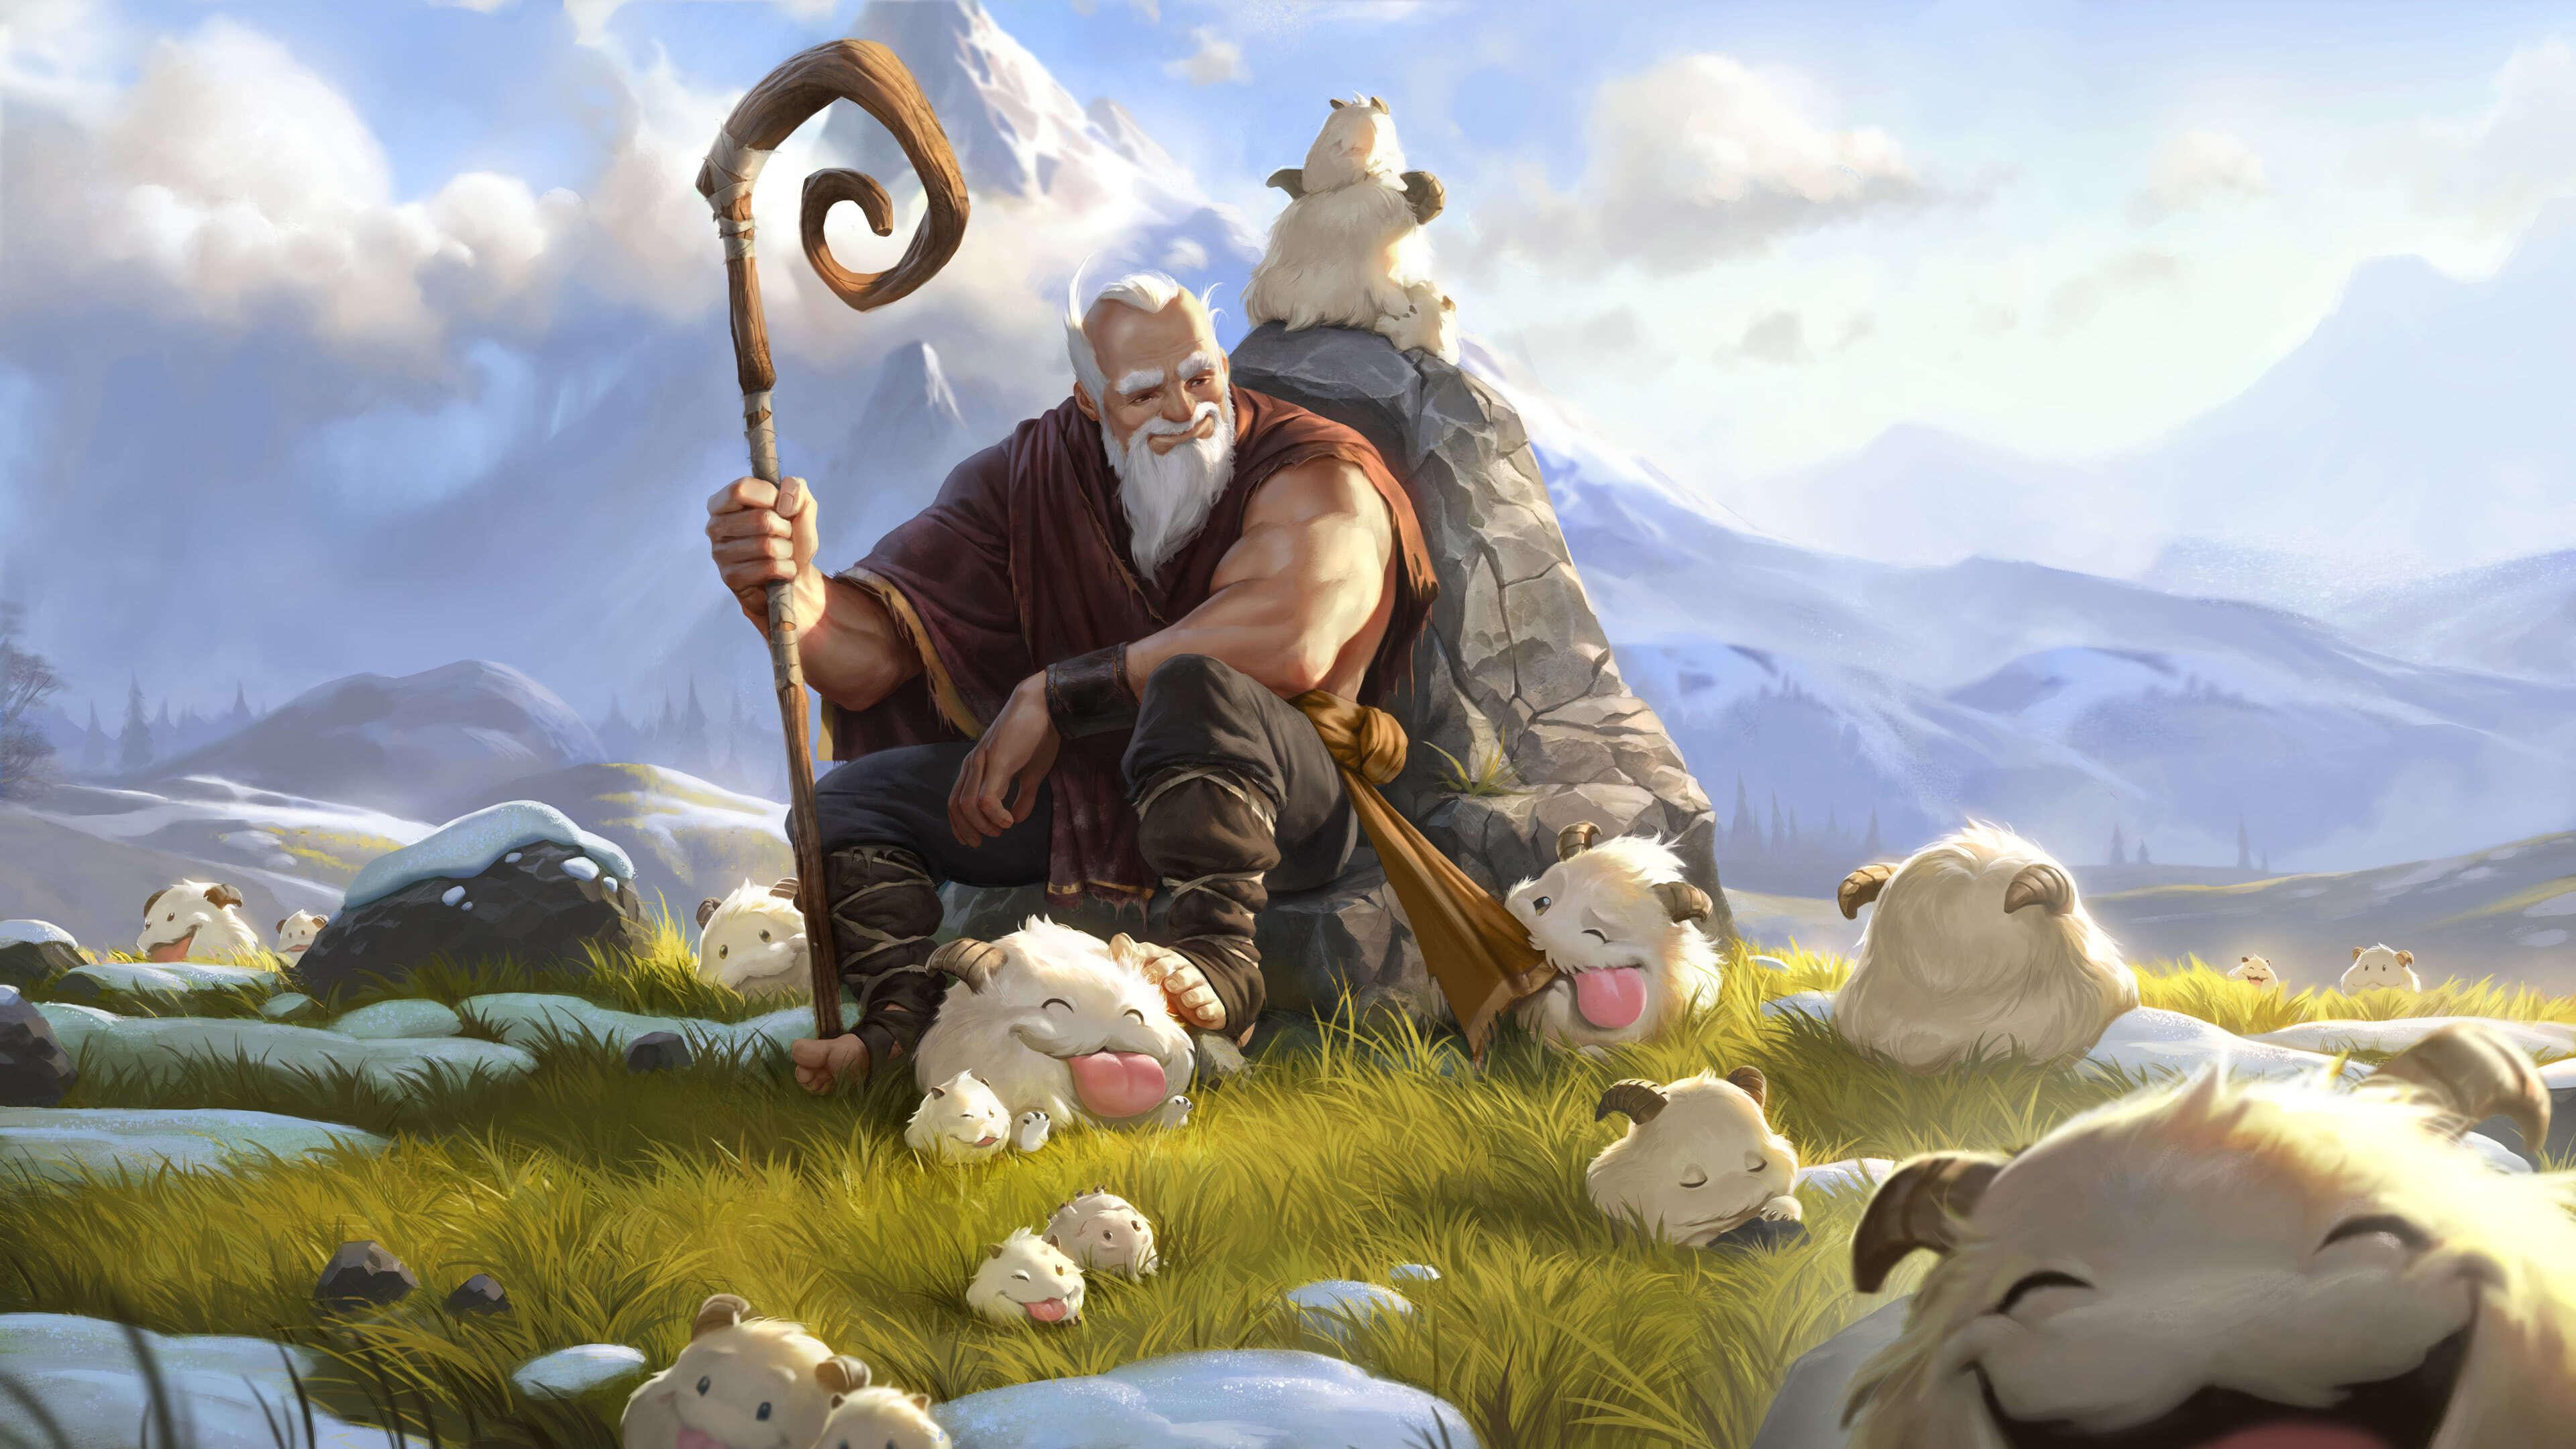 legends of runeterra poro herder uhd 4k wallpaper